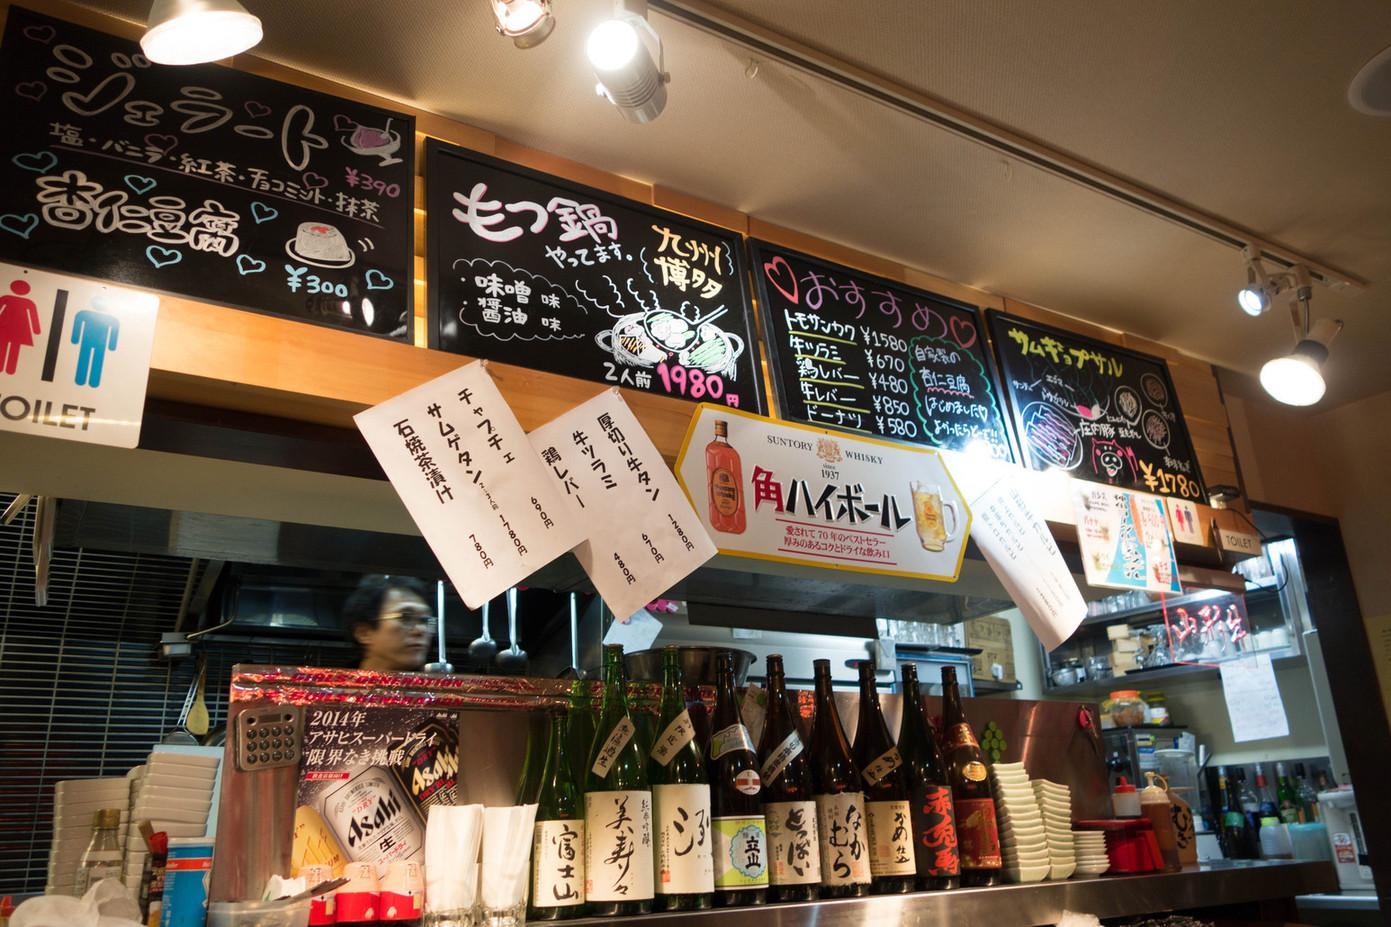 神田商店 藤沢店